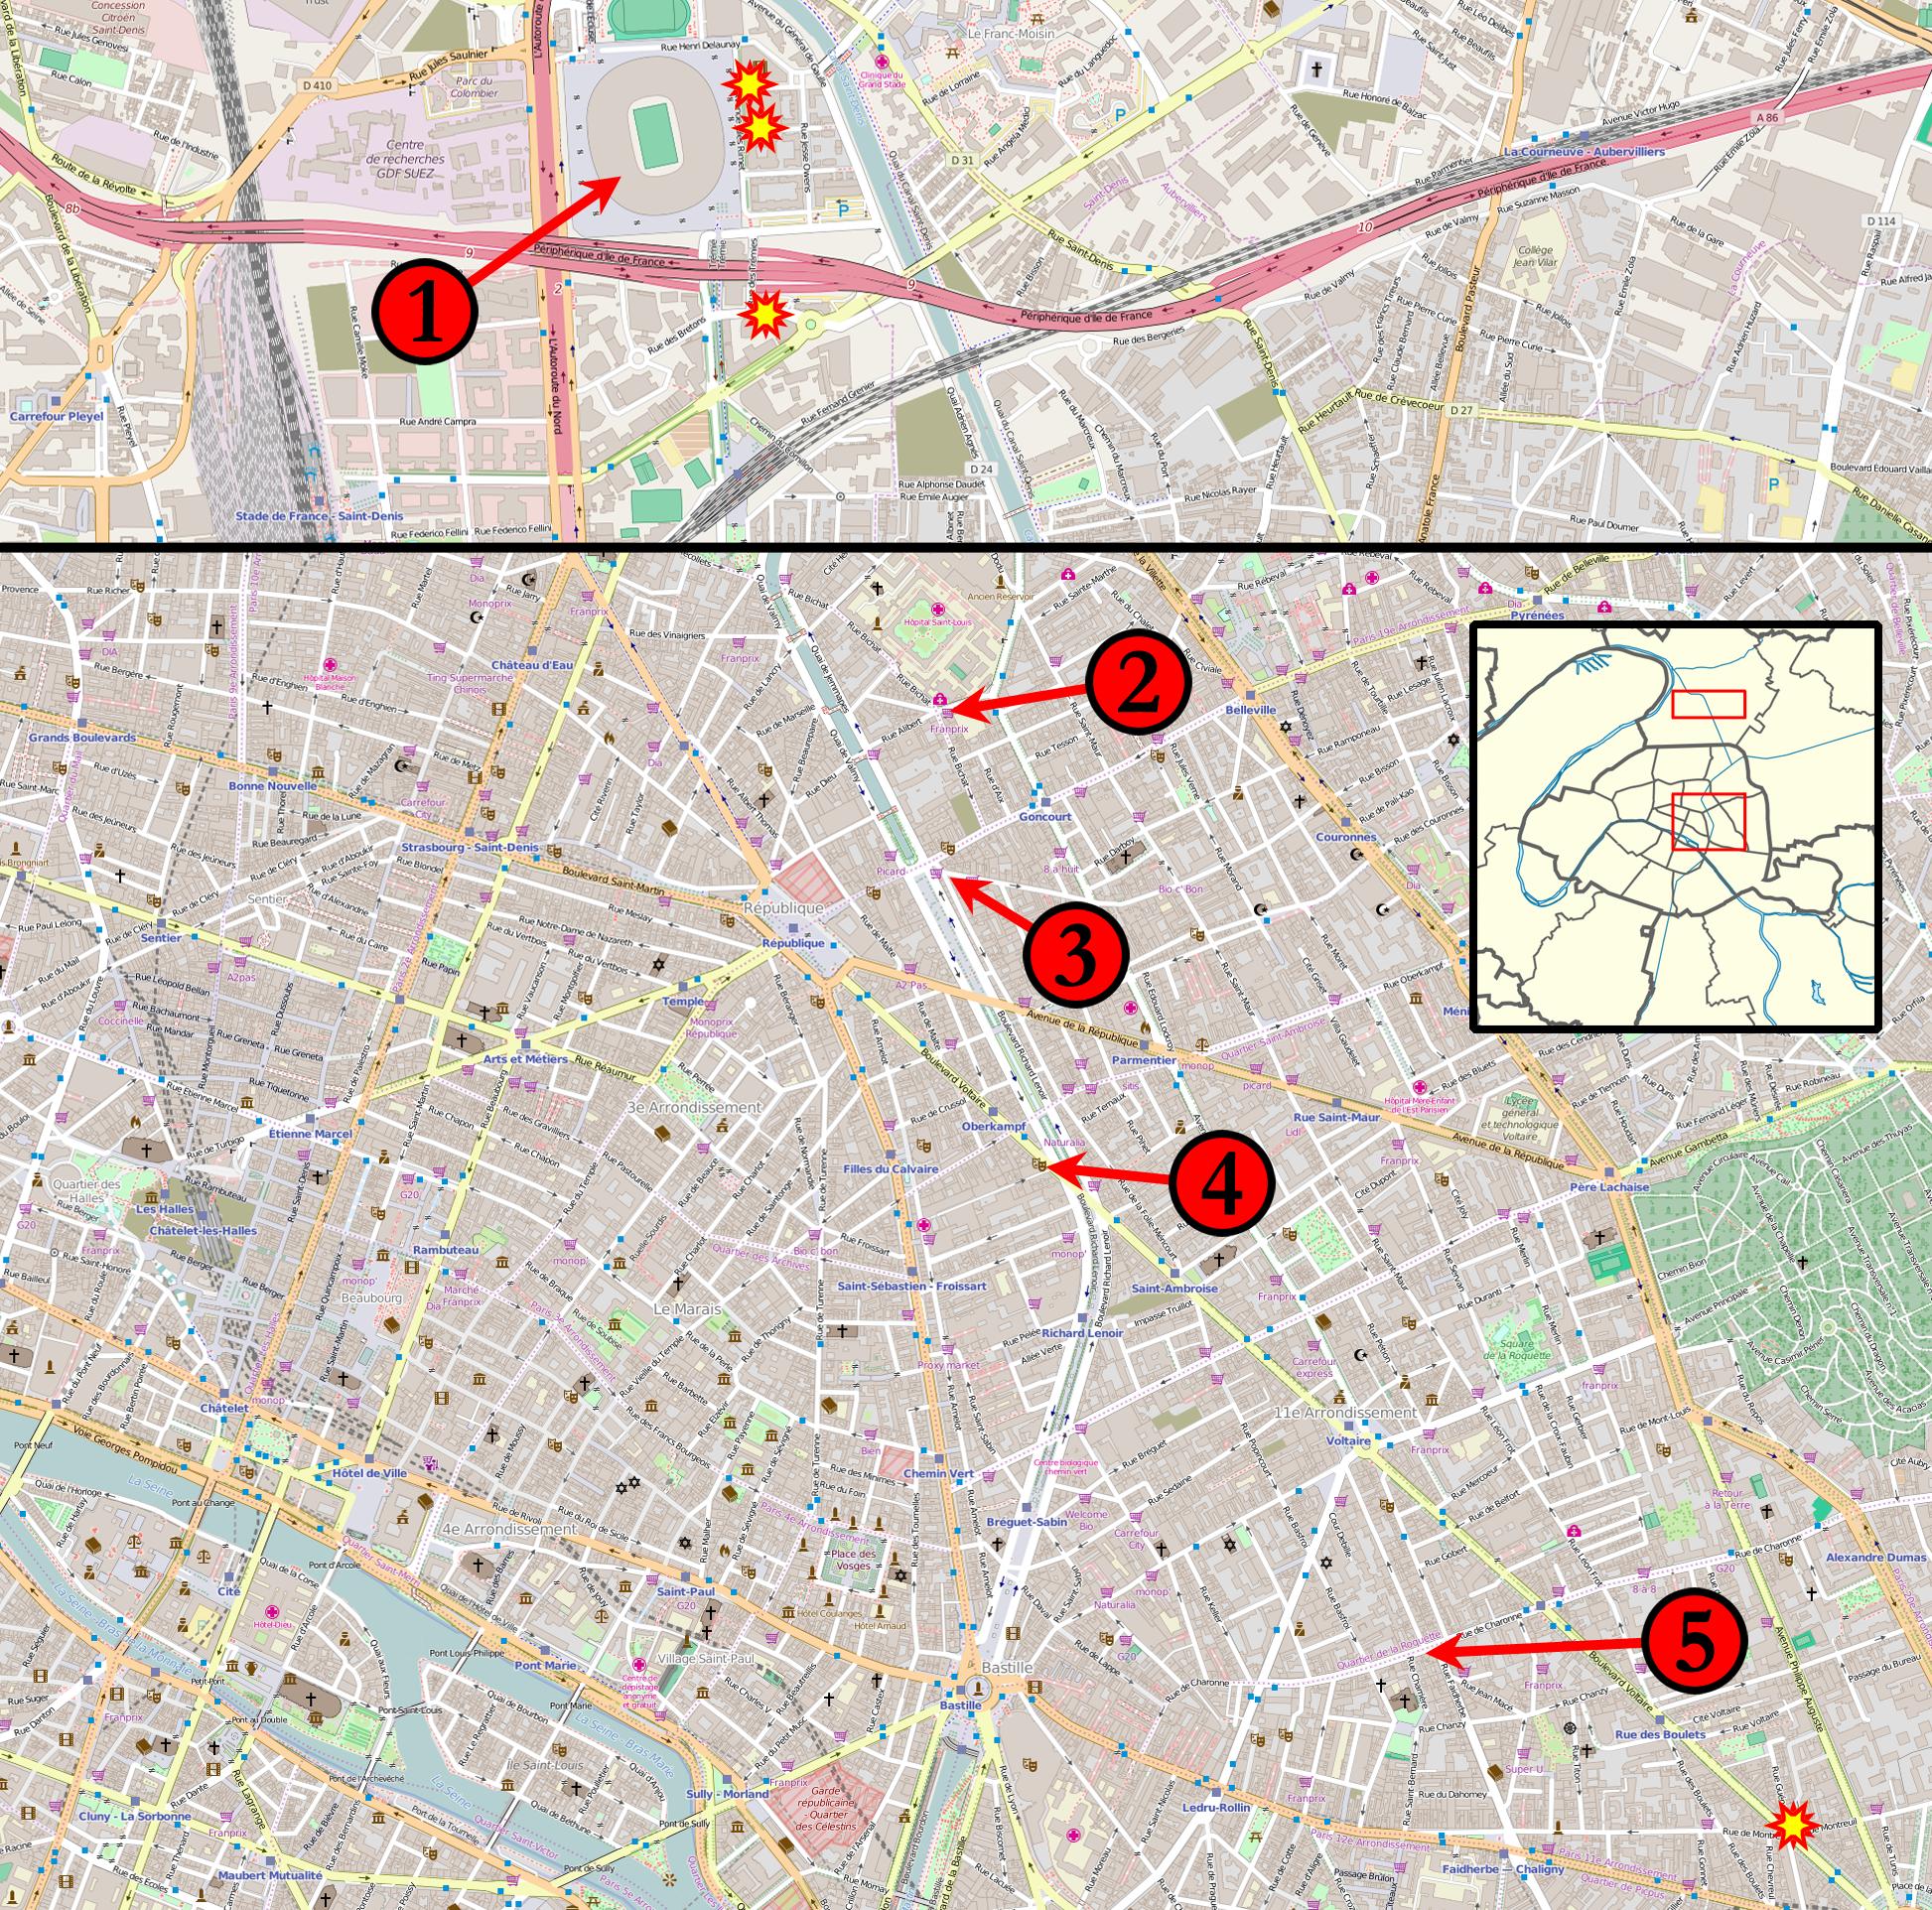 Ataques de novembro de 2015 em Paris – Wikipédia b0cd85b0fbec4